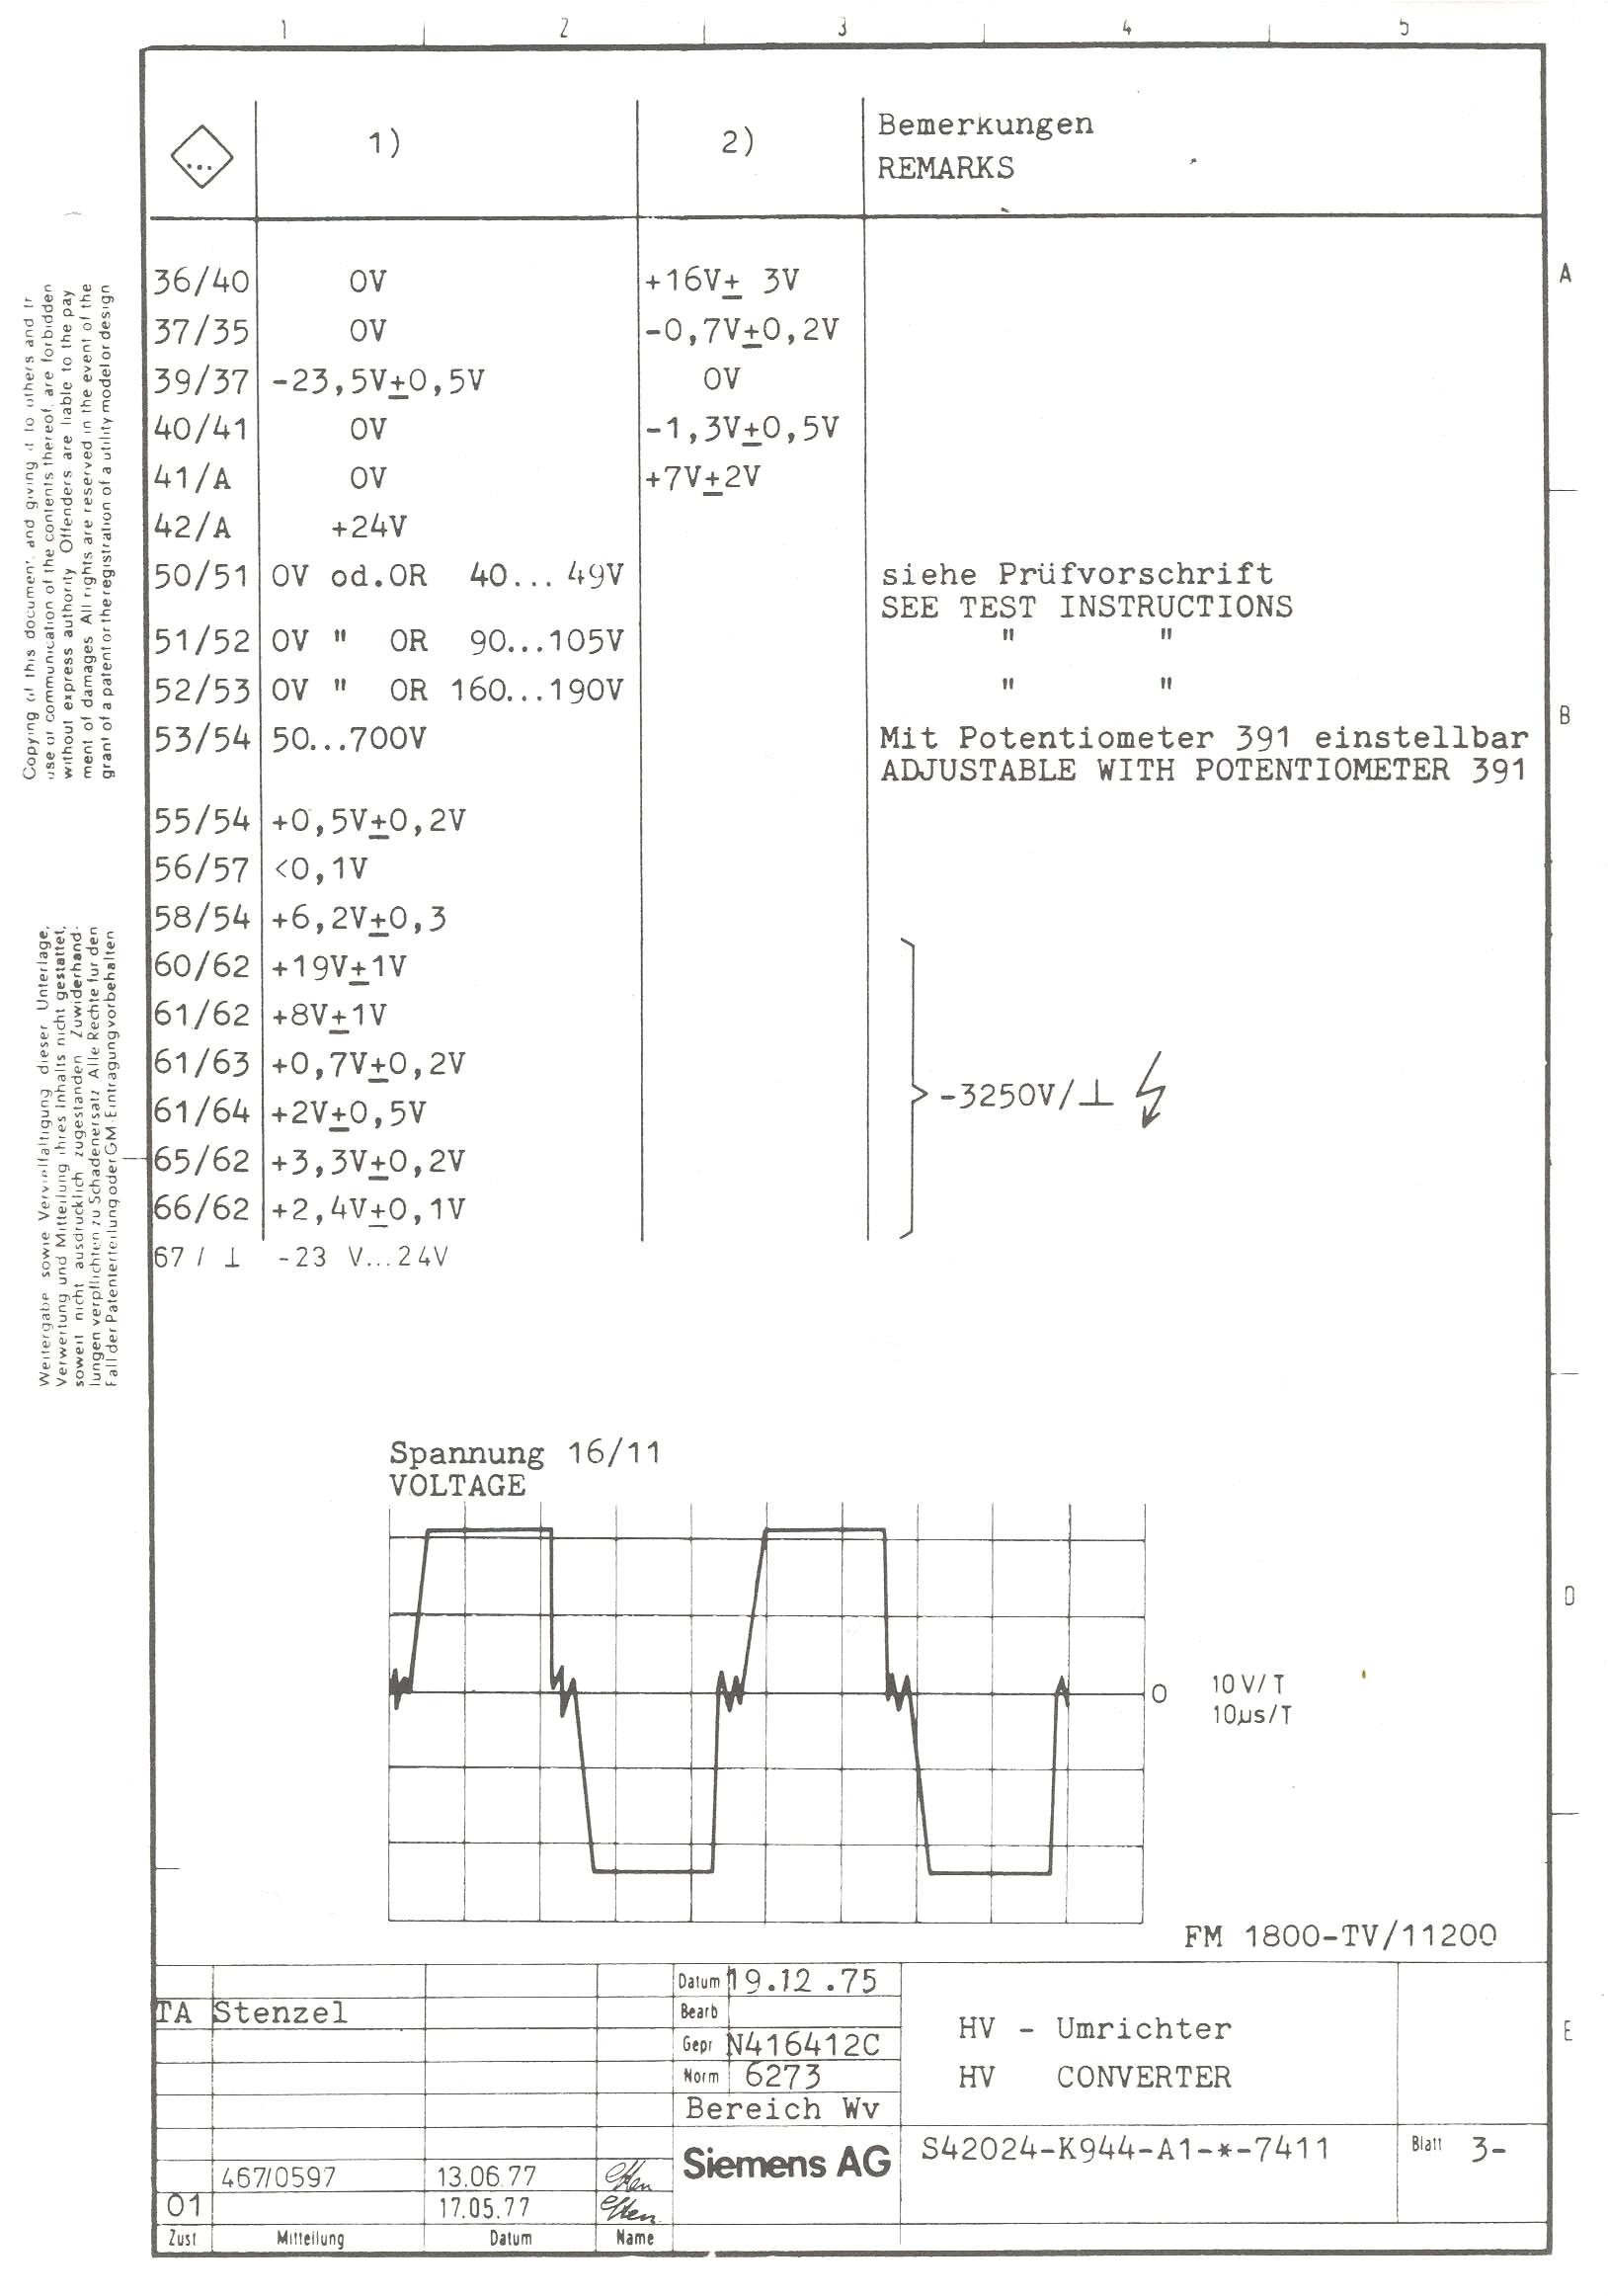 car subwoofer wiring diagram inspirational wiring diagram for a car stereo amp and subwoofer unique wiring